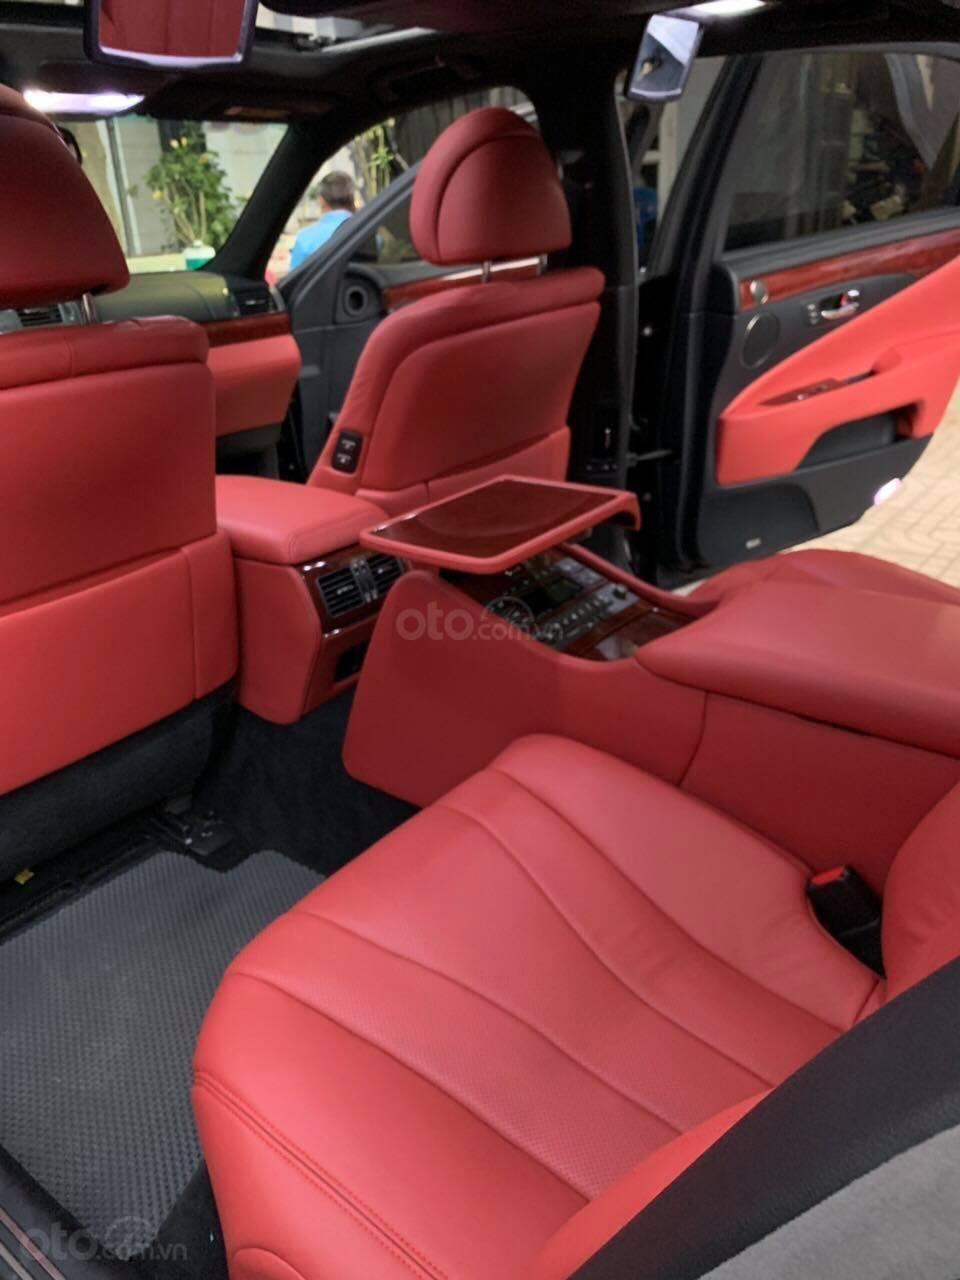 Bán Lexus LS460L sản xuất 2007 lên model 2016 màu đen nội thất đỏ-10